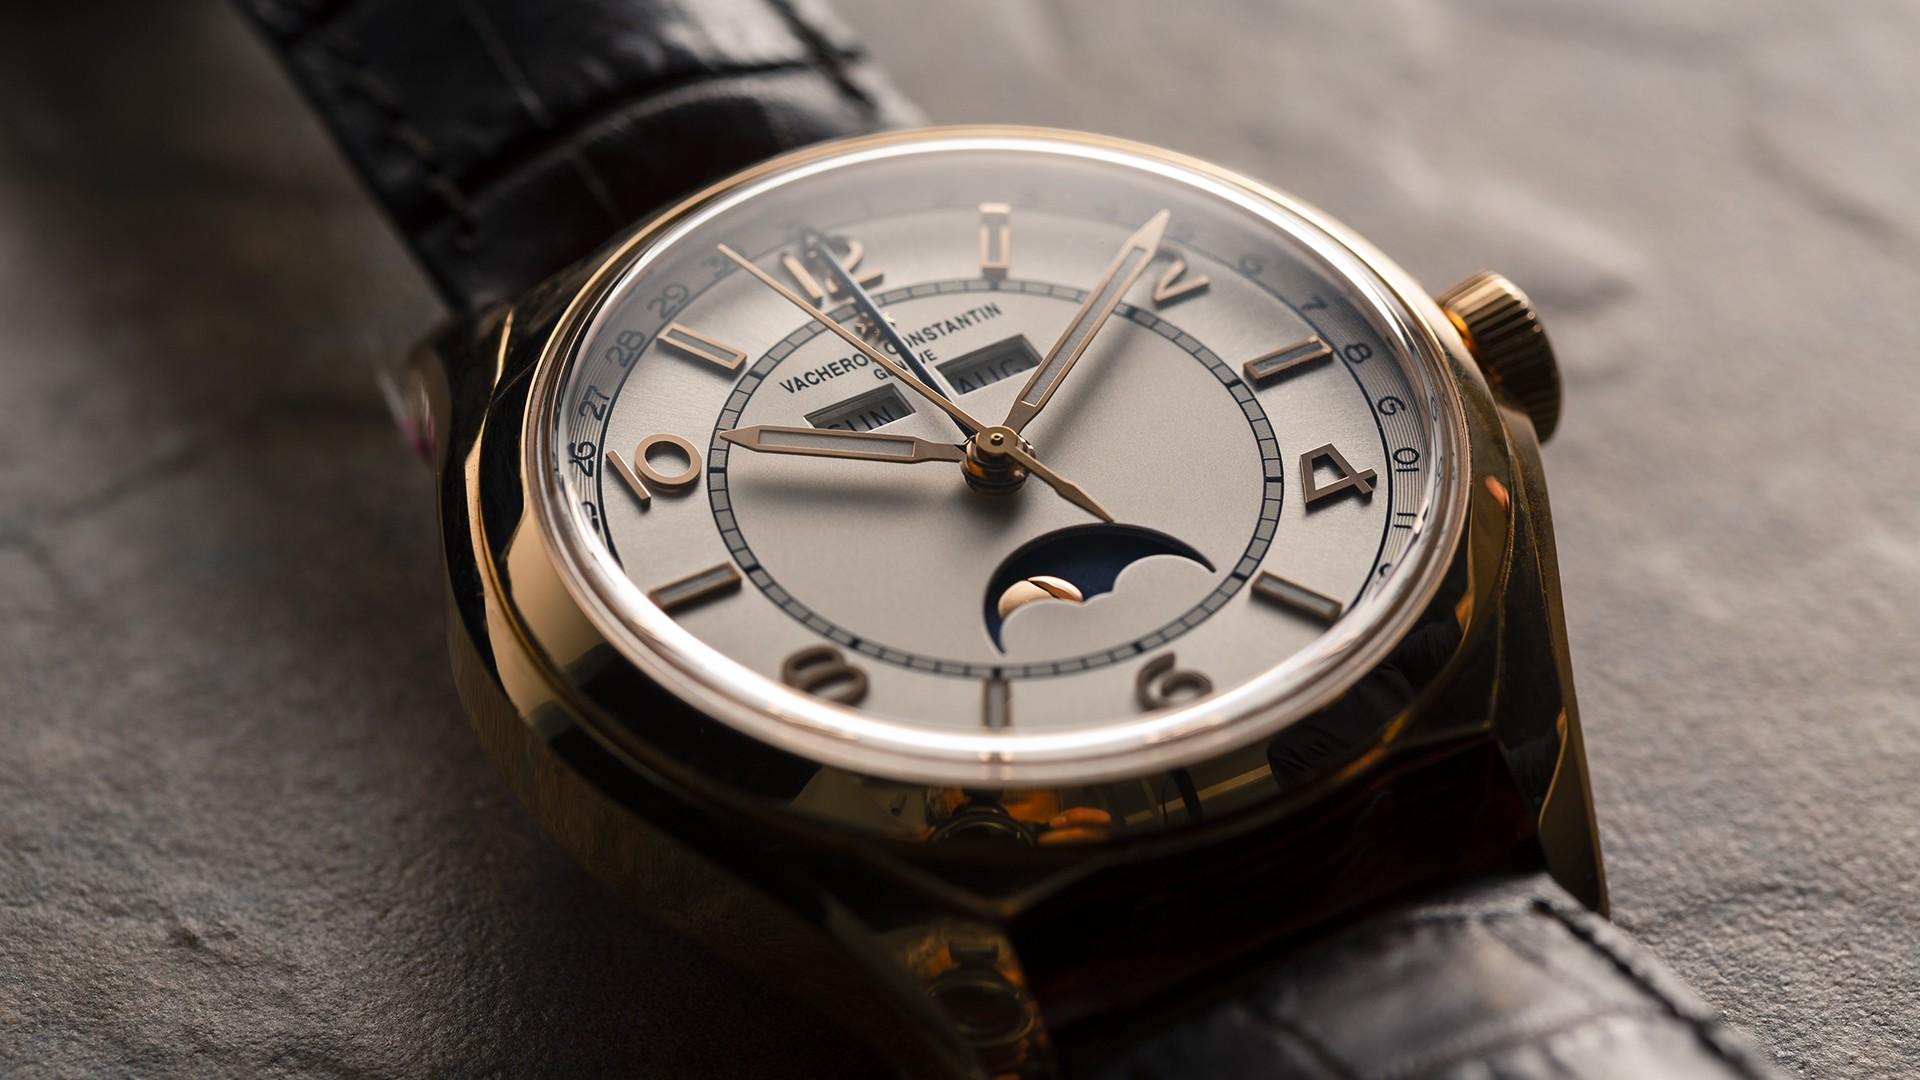 Best rose gold watches 2019, Vacheron Constantin FiftySix Complete Calendar